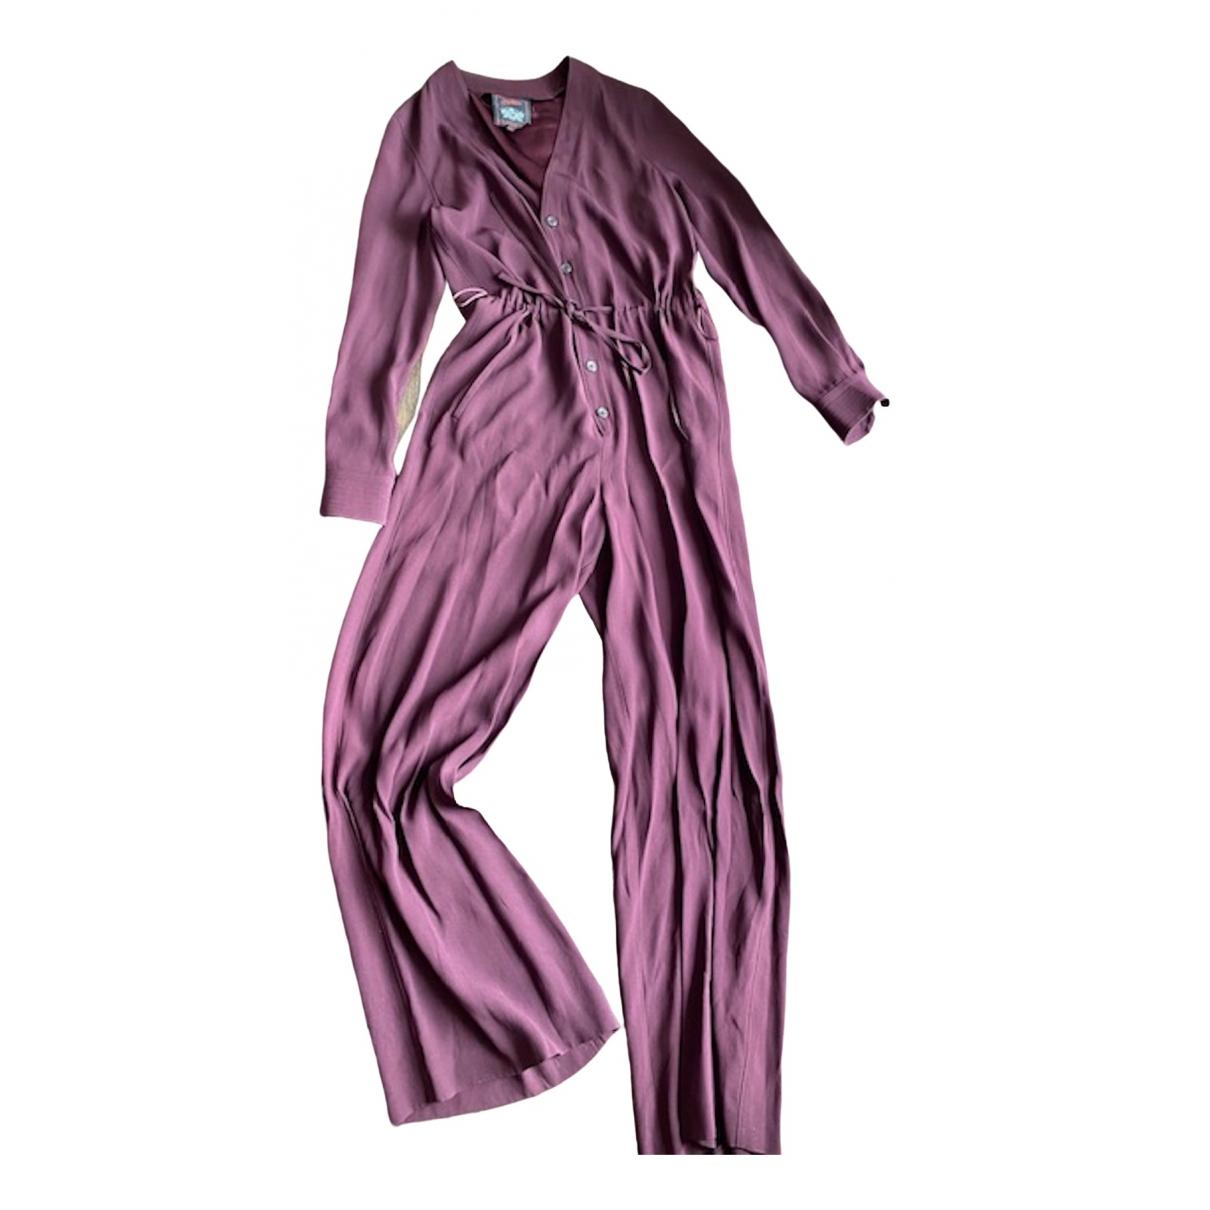 Jean Paul Gaultier - Combinaison   pour femme - violet